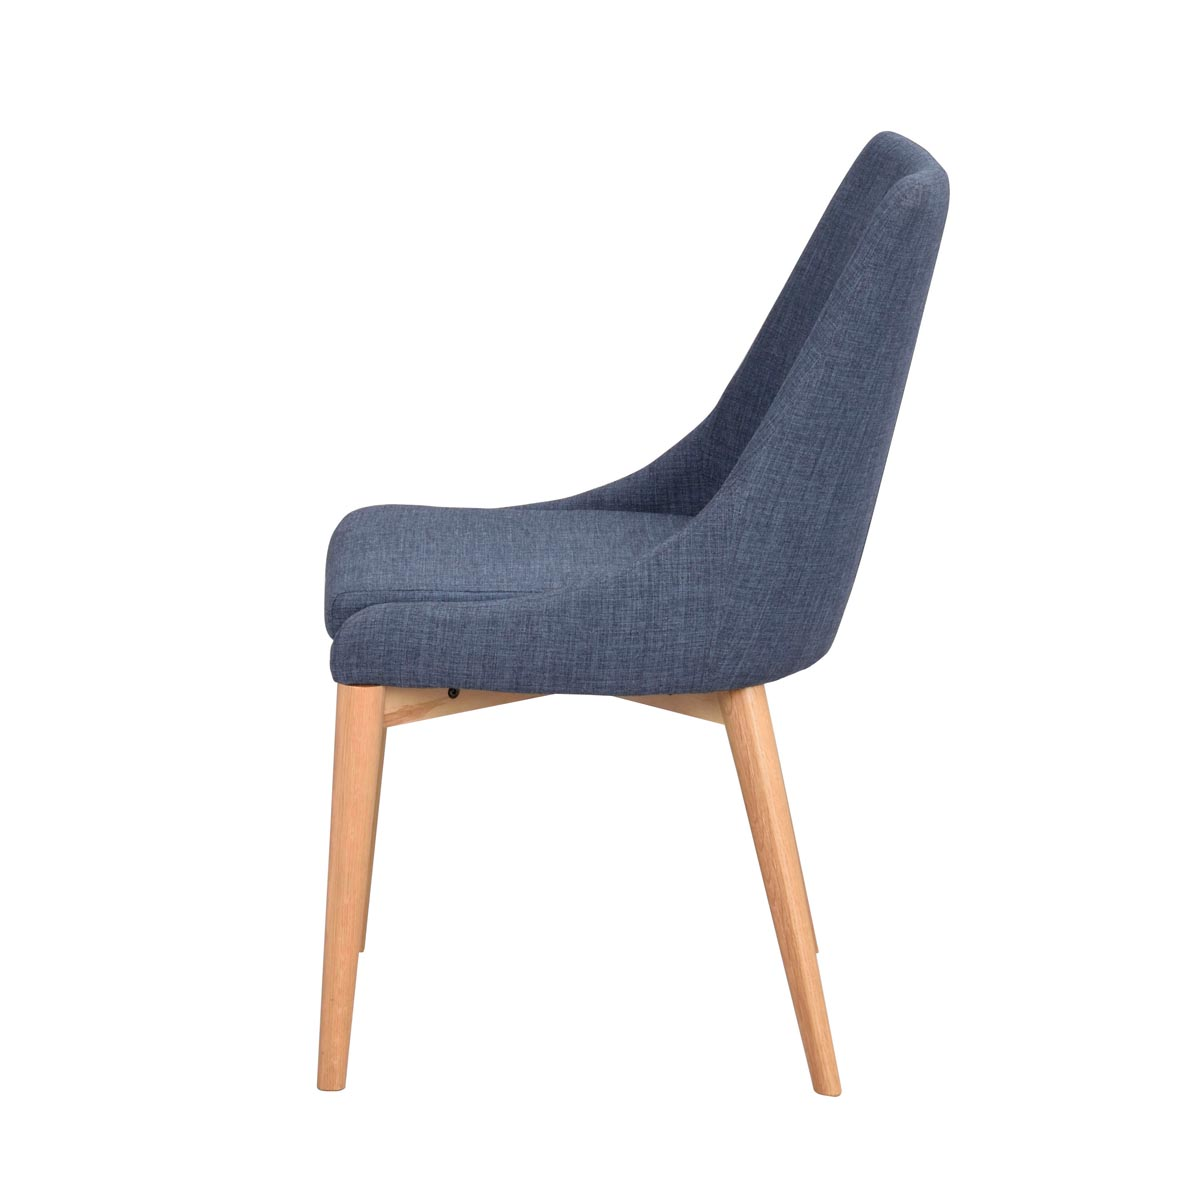 Bea-stol-blått-tyg_ekR-118316_c